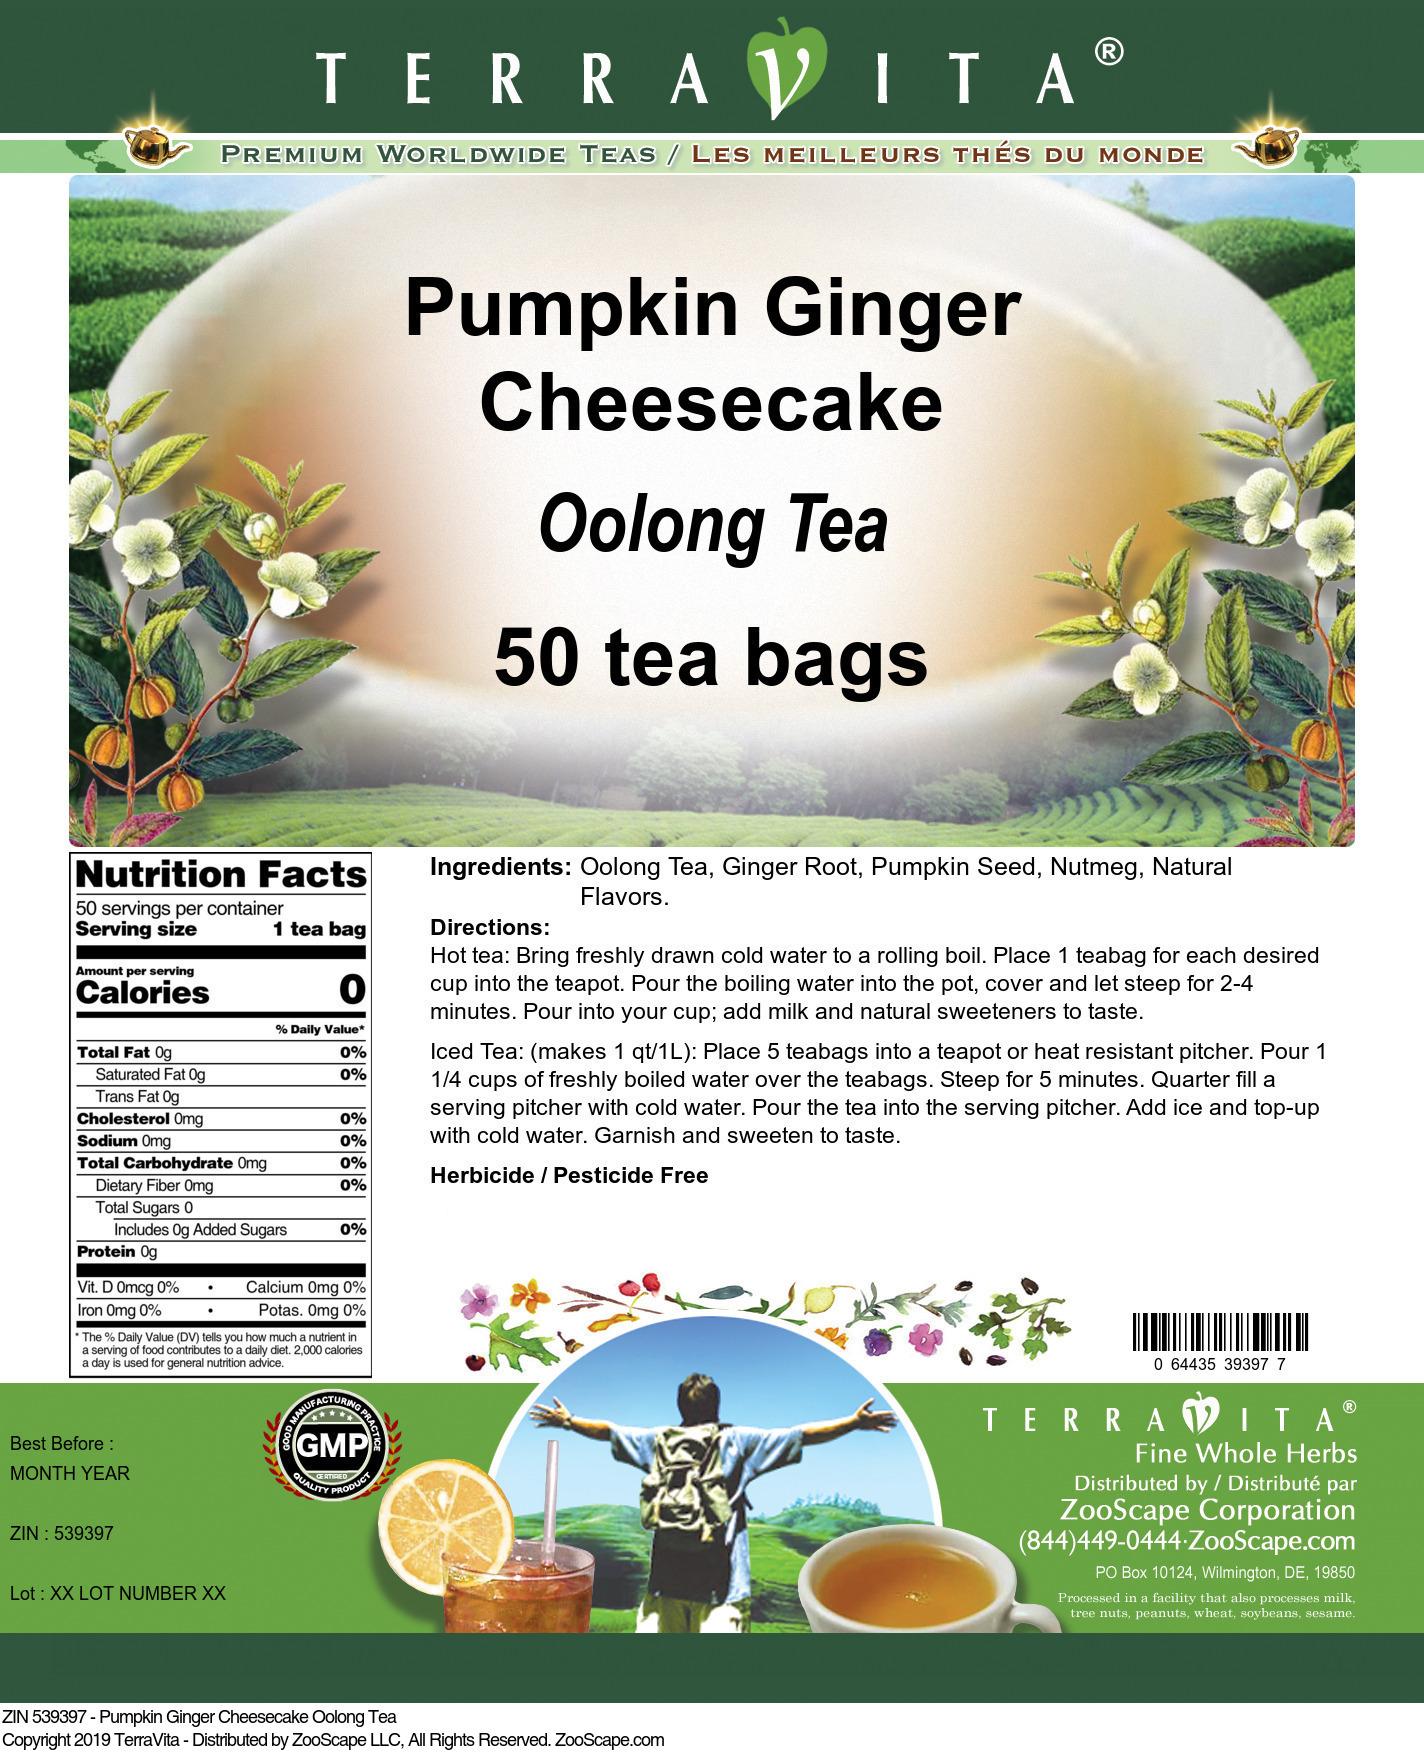 Pumpkin Ginger Cheesecake Oolong Tea